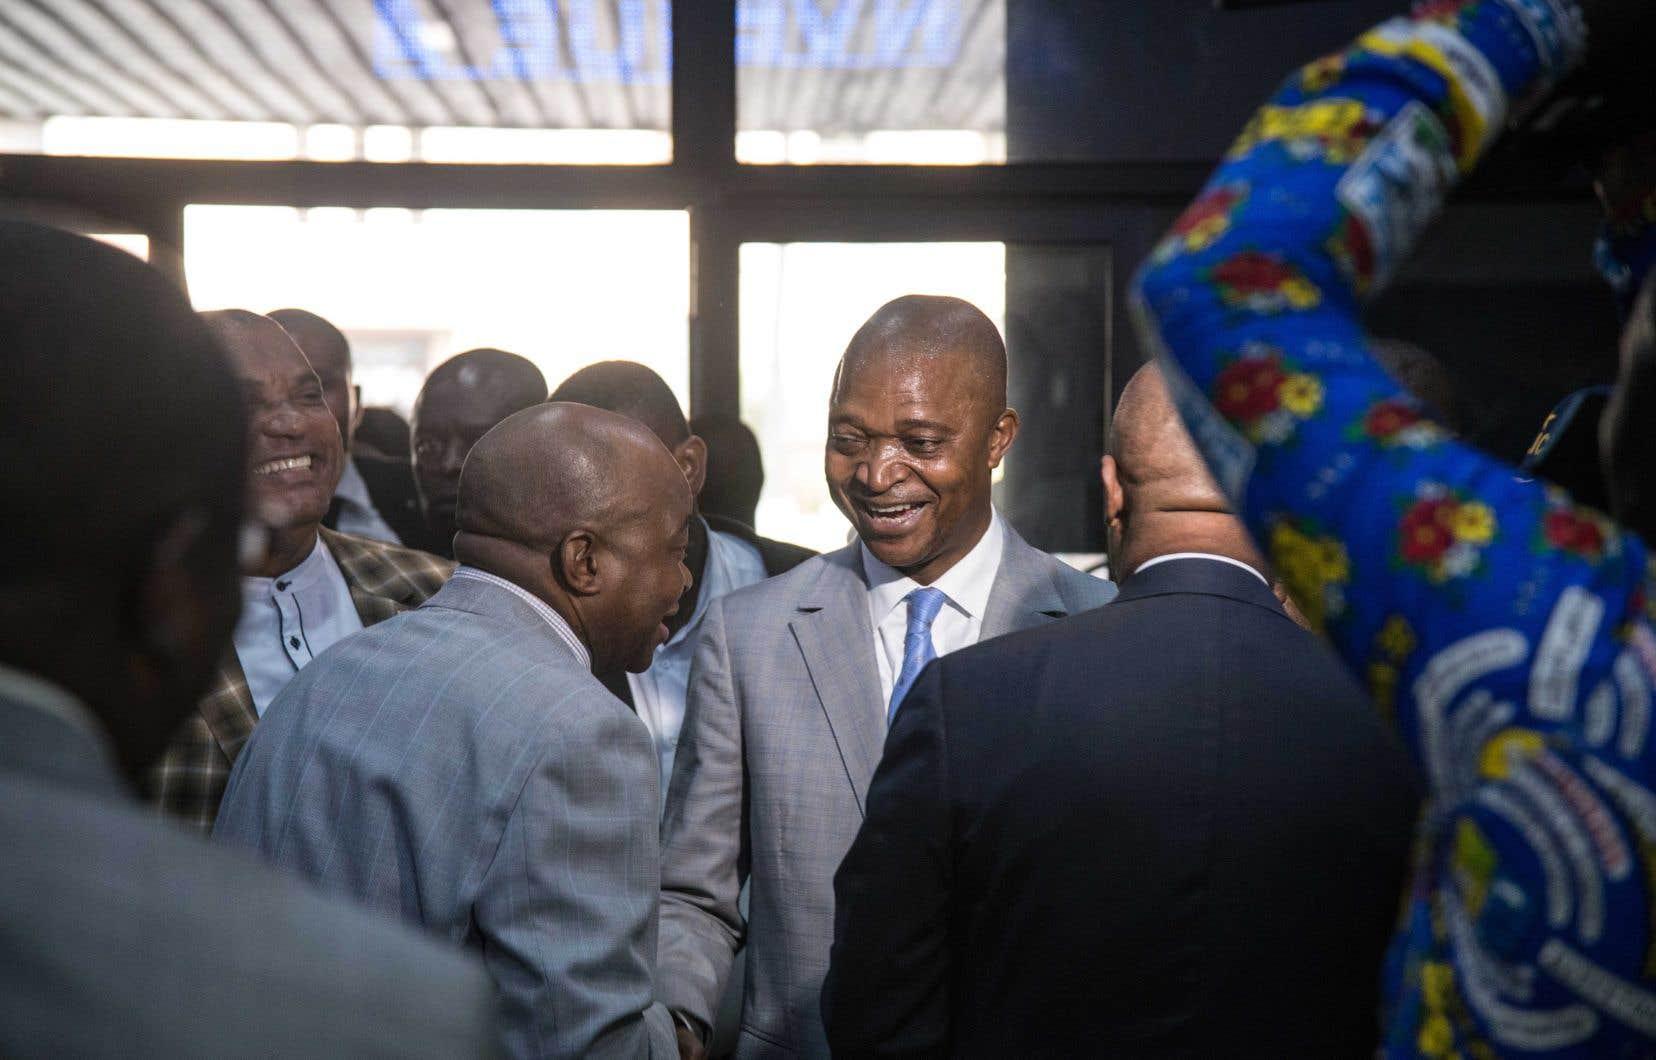 Quelques heures avant la clôture du dépôt des candidatures, mercredi, le chef de l'État a finalement désigné un dauphin: Emmanuel Ramazani Shadary, secrétaire permanent du Parti du peuple pour la reconstruction et la démocratie et ex-ministre de l'Intérieur.